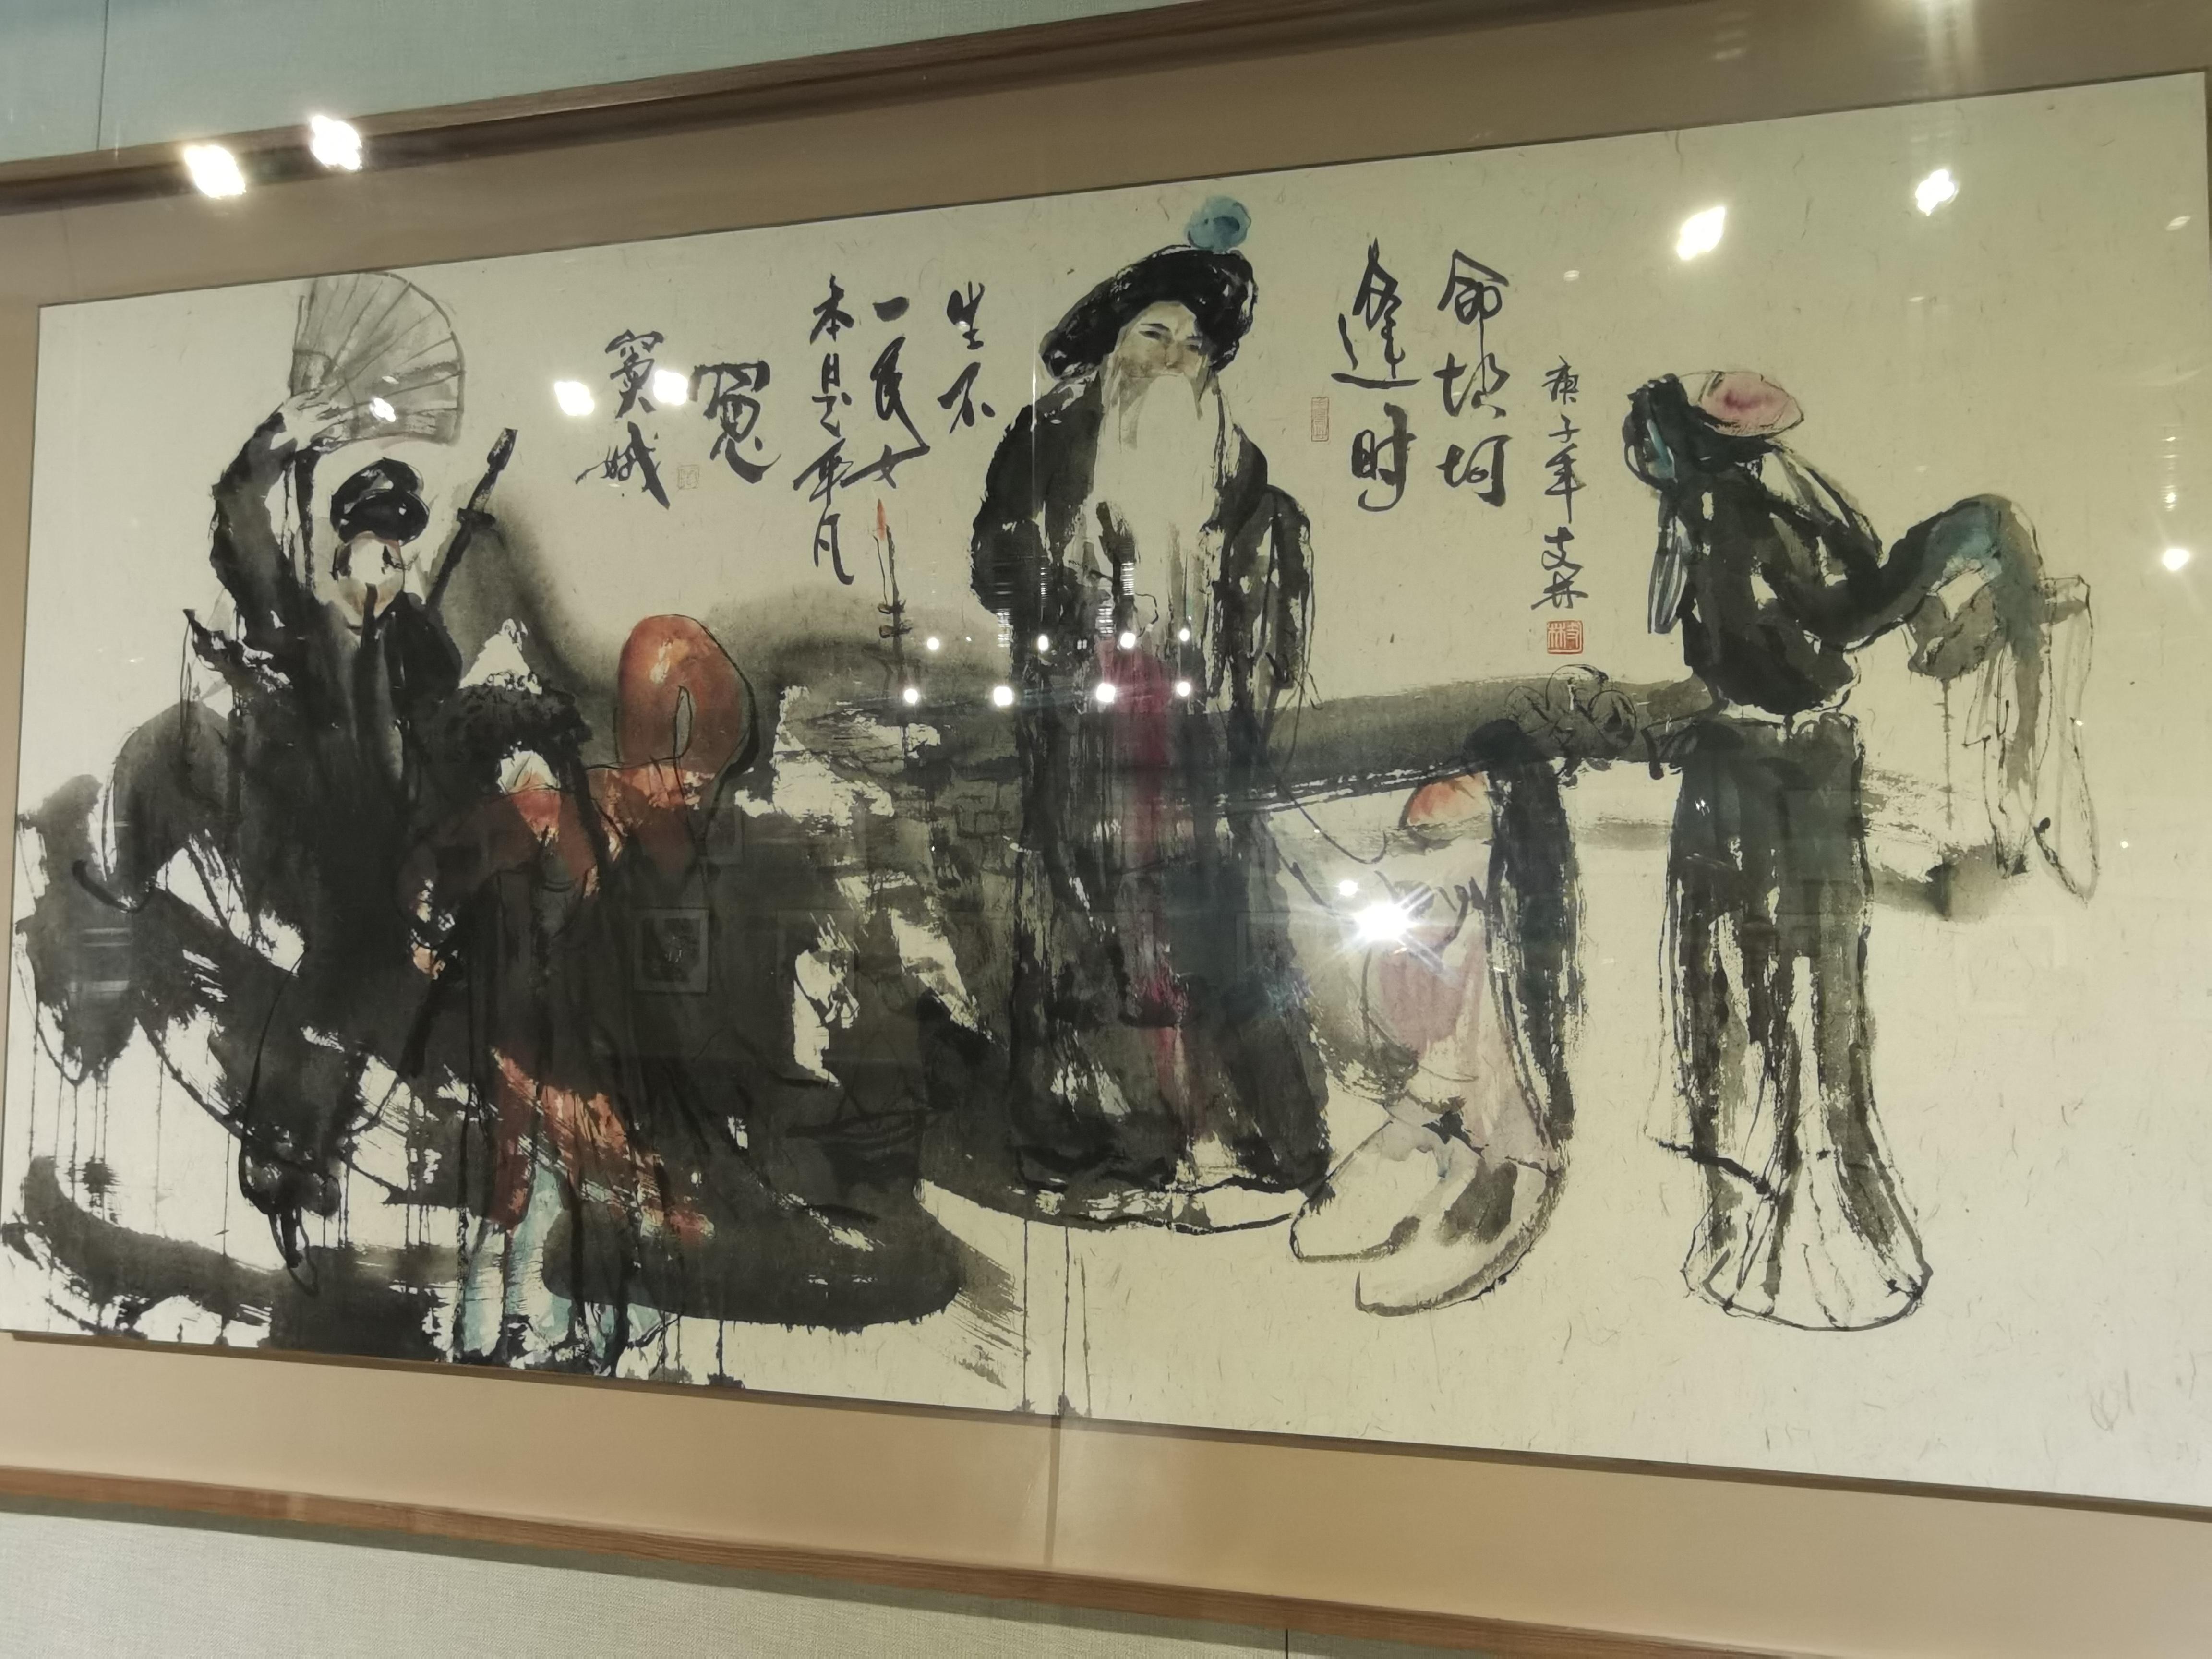 江西科技师范大学教师国画作品展开展 百余件国画亮相